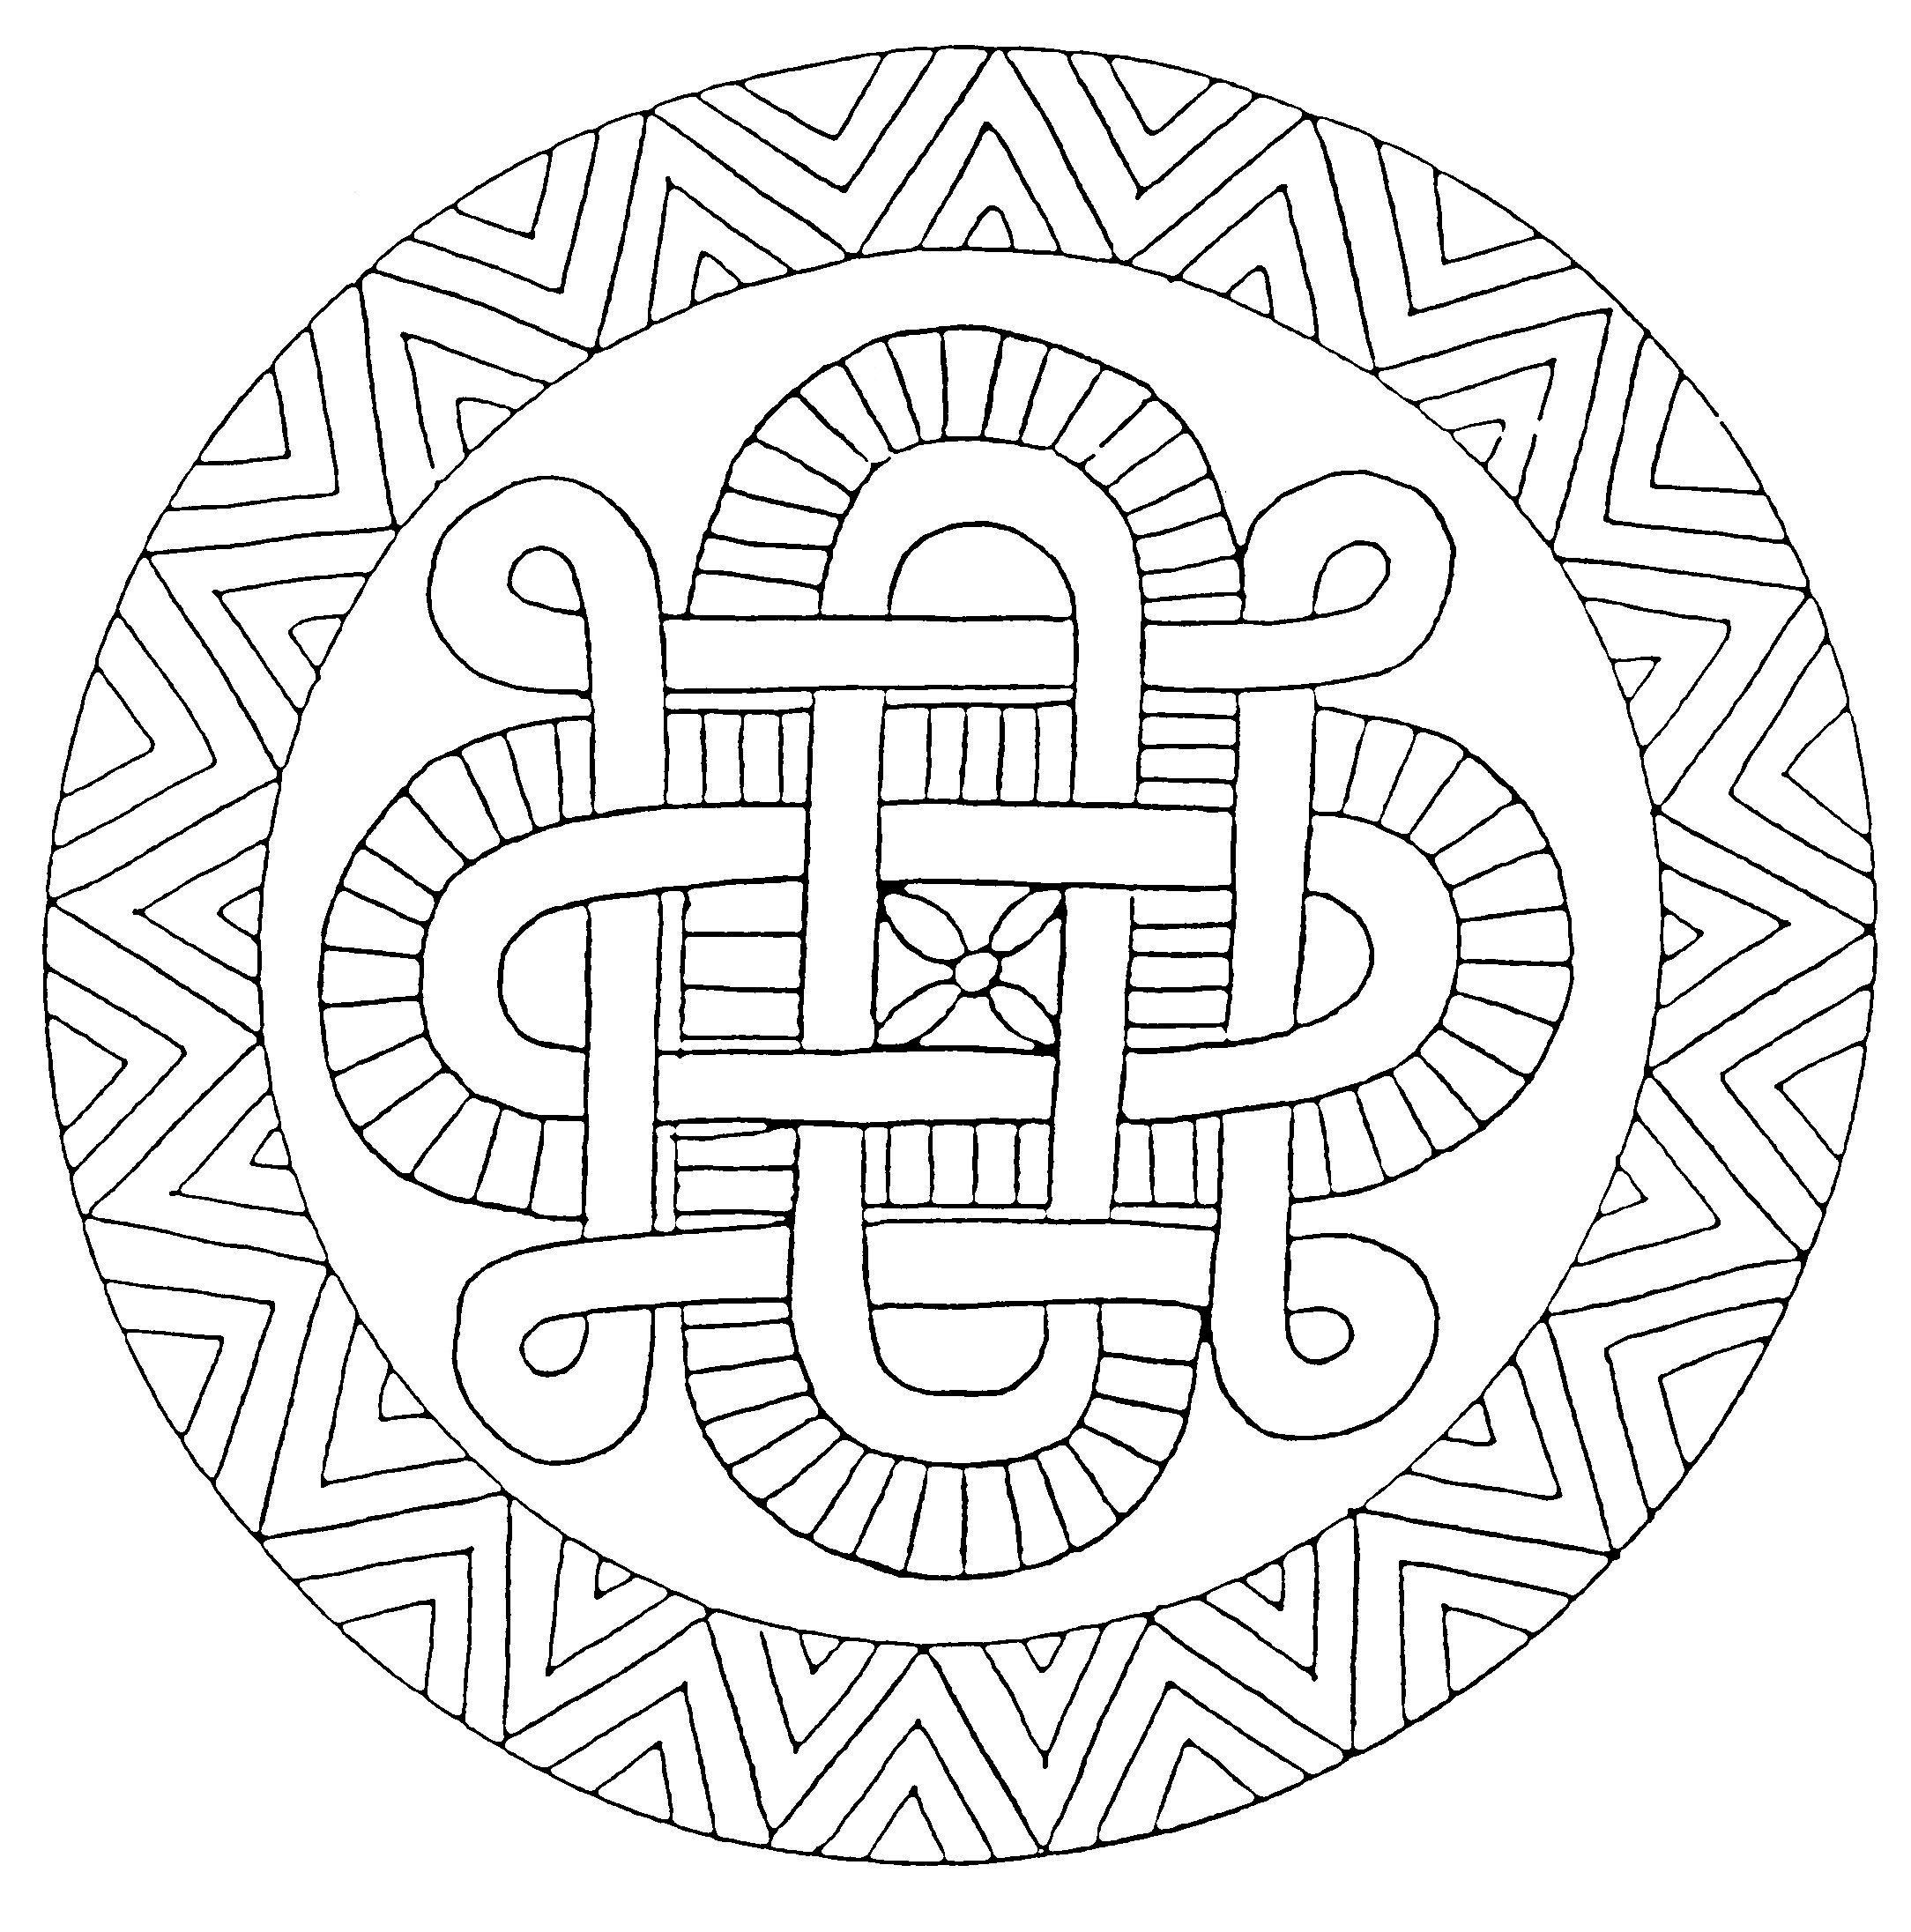 Coloriage mandala automne - Imprimer des mandalas gratuit ...